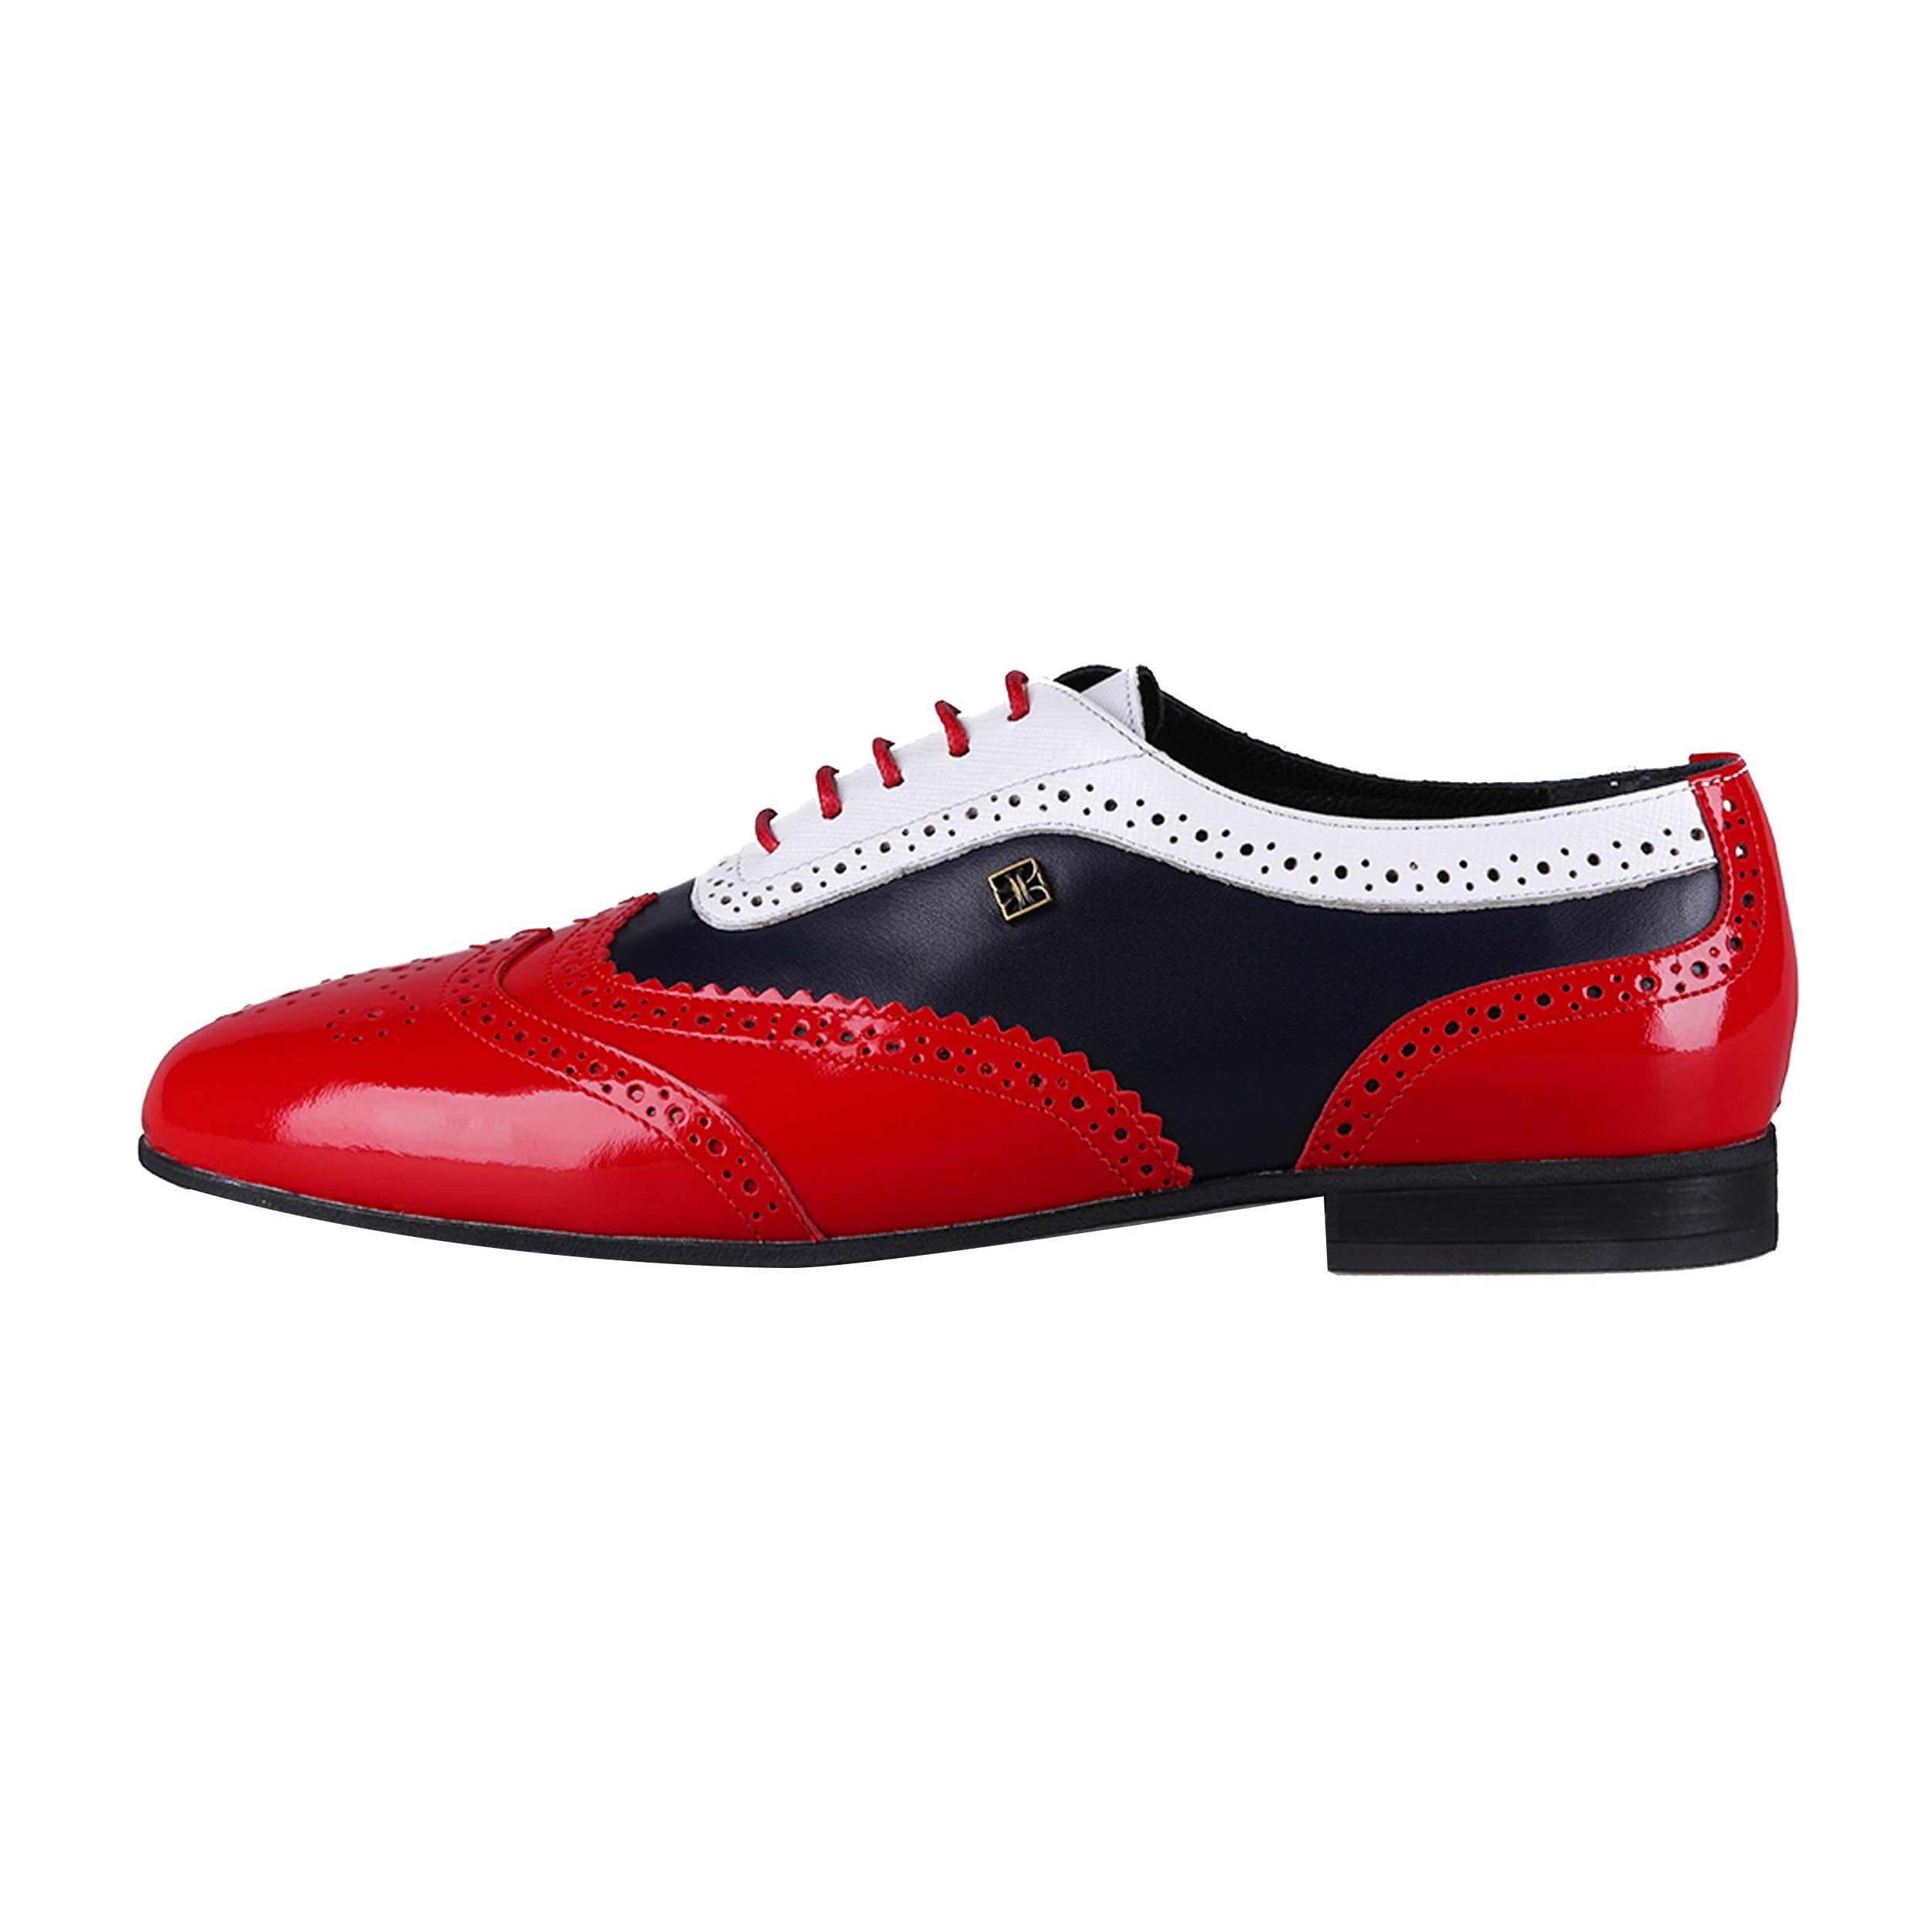 کفش زنانه درسا مدل 2492-24188